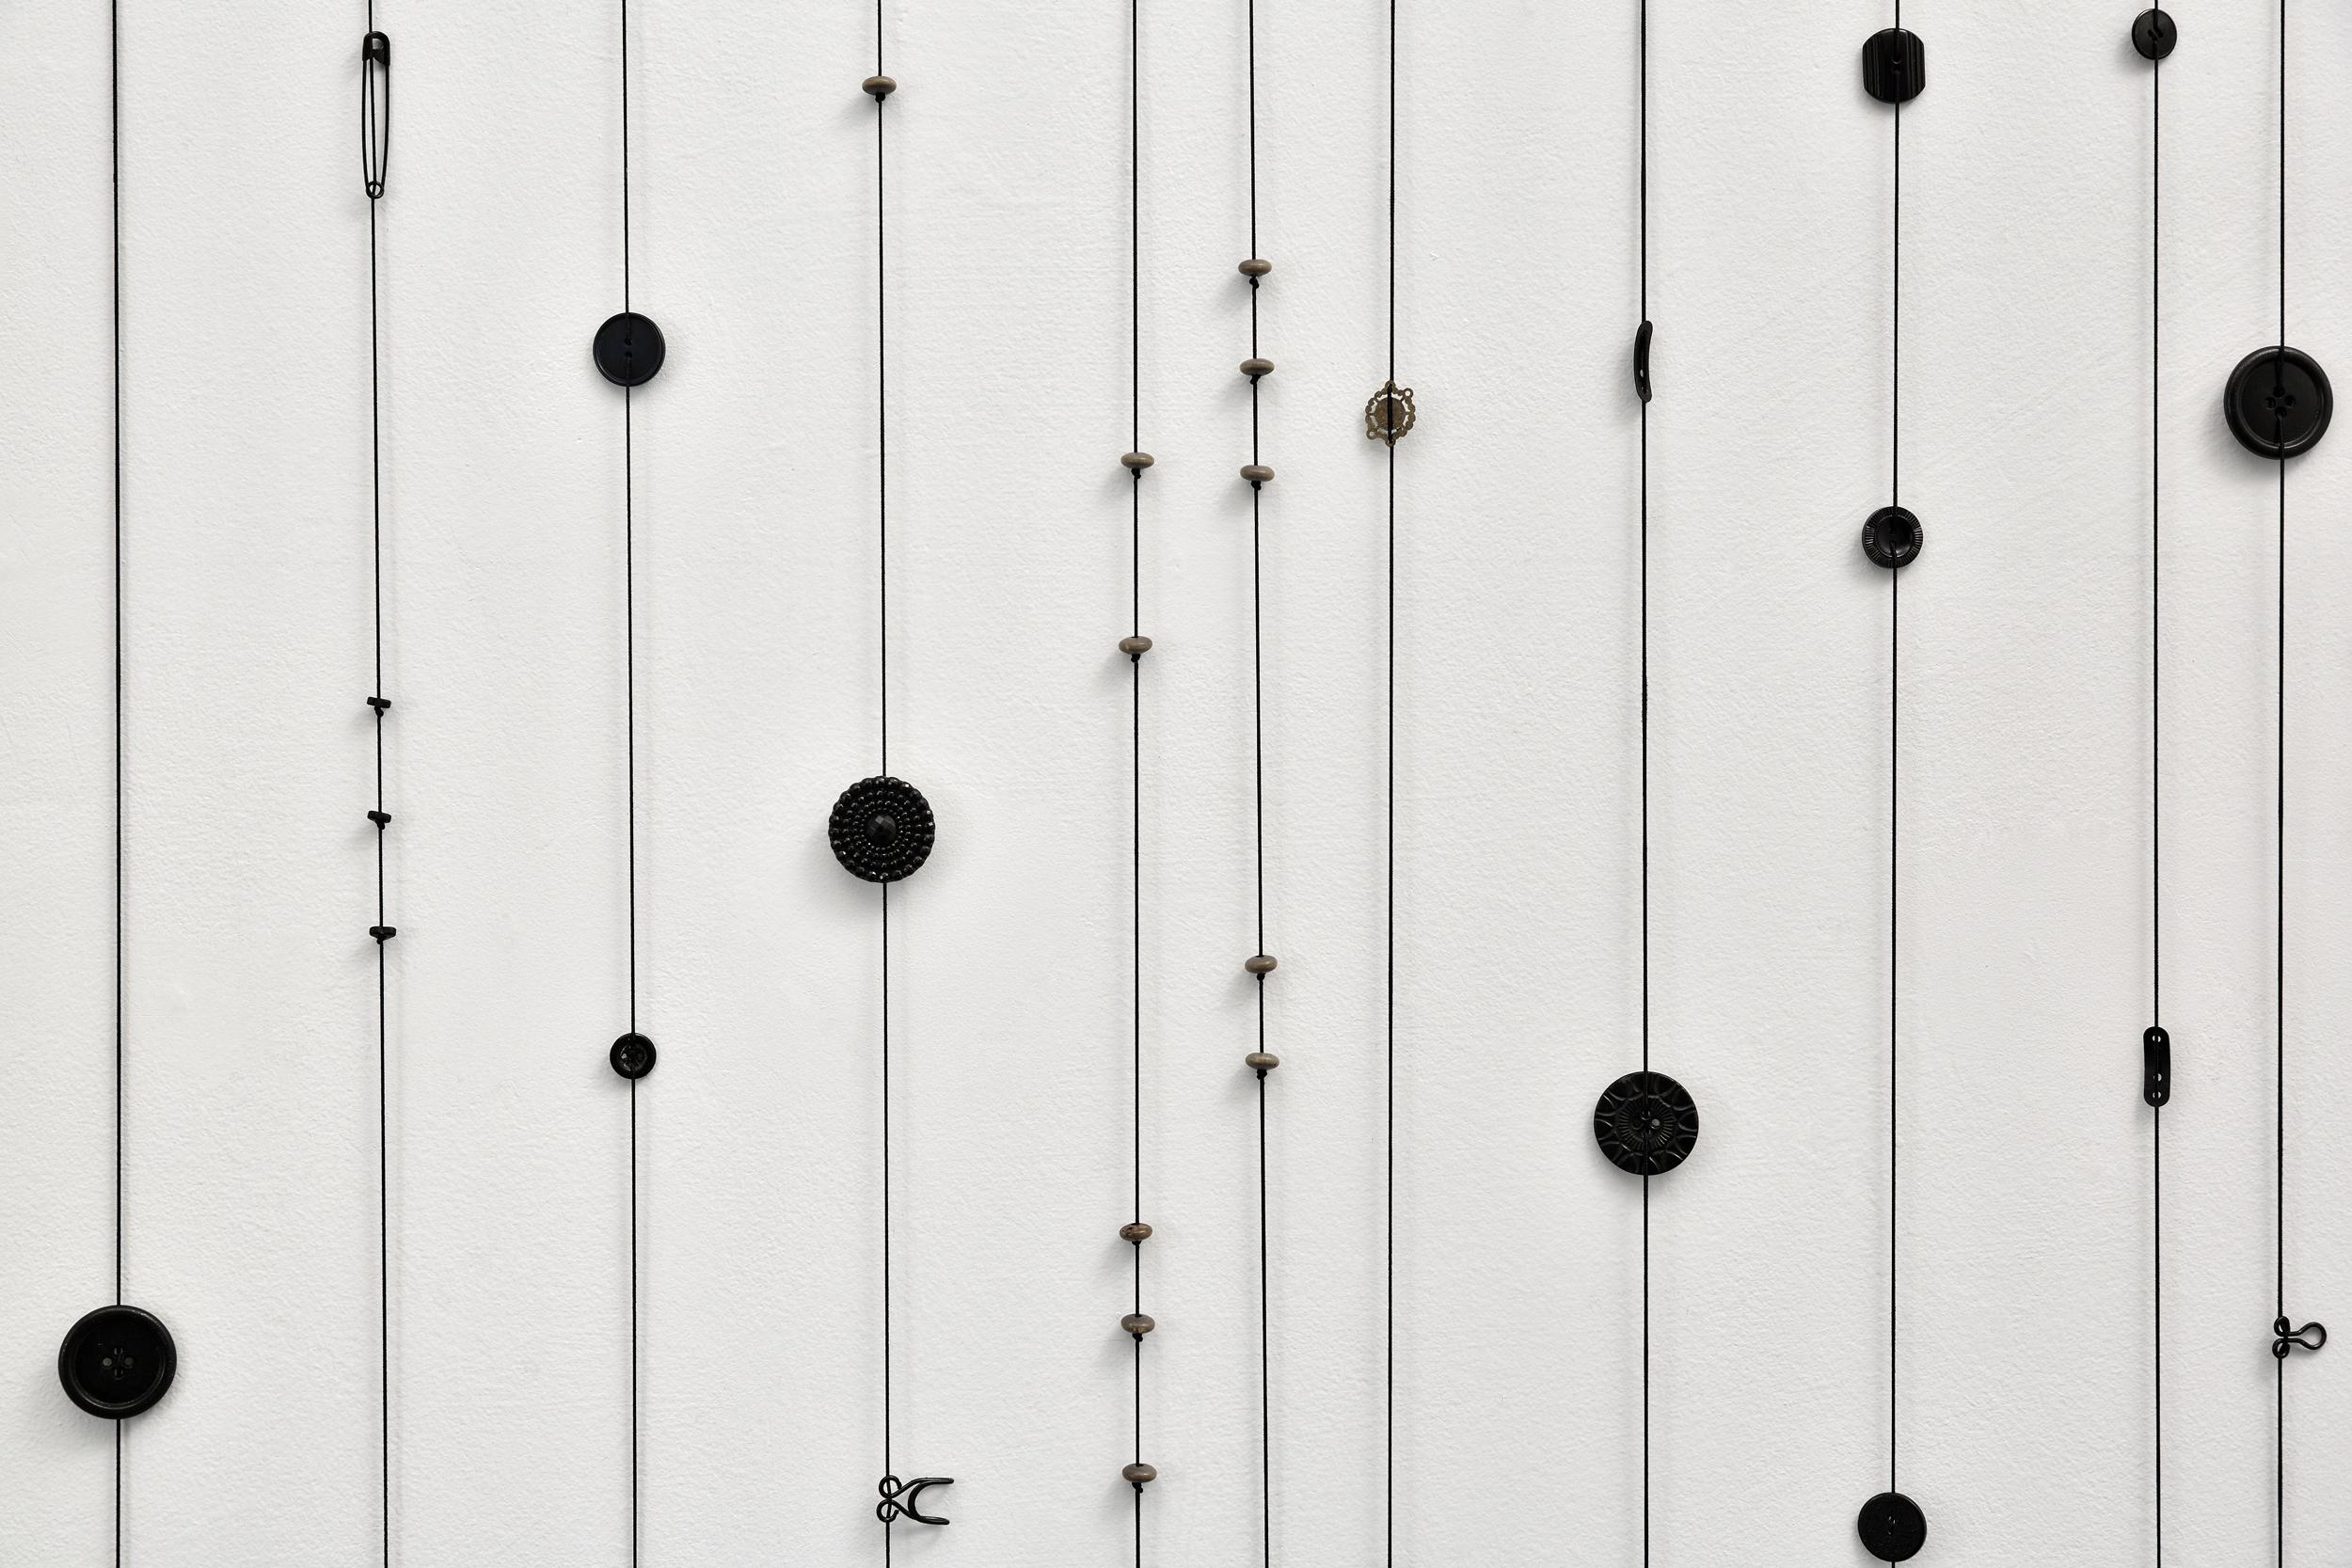 Celia Imrie (born 1952) images